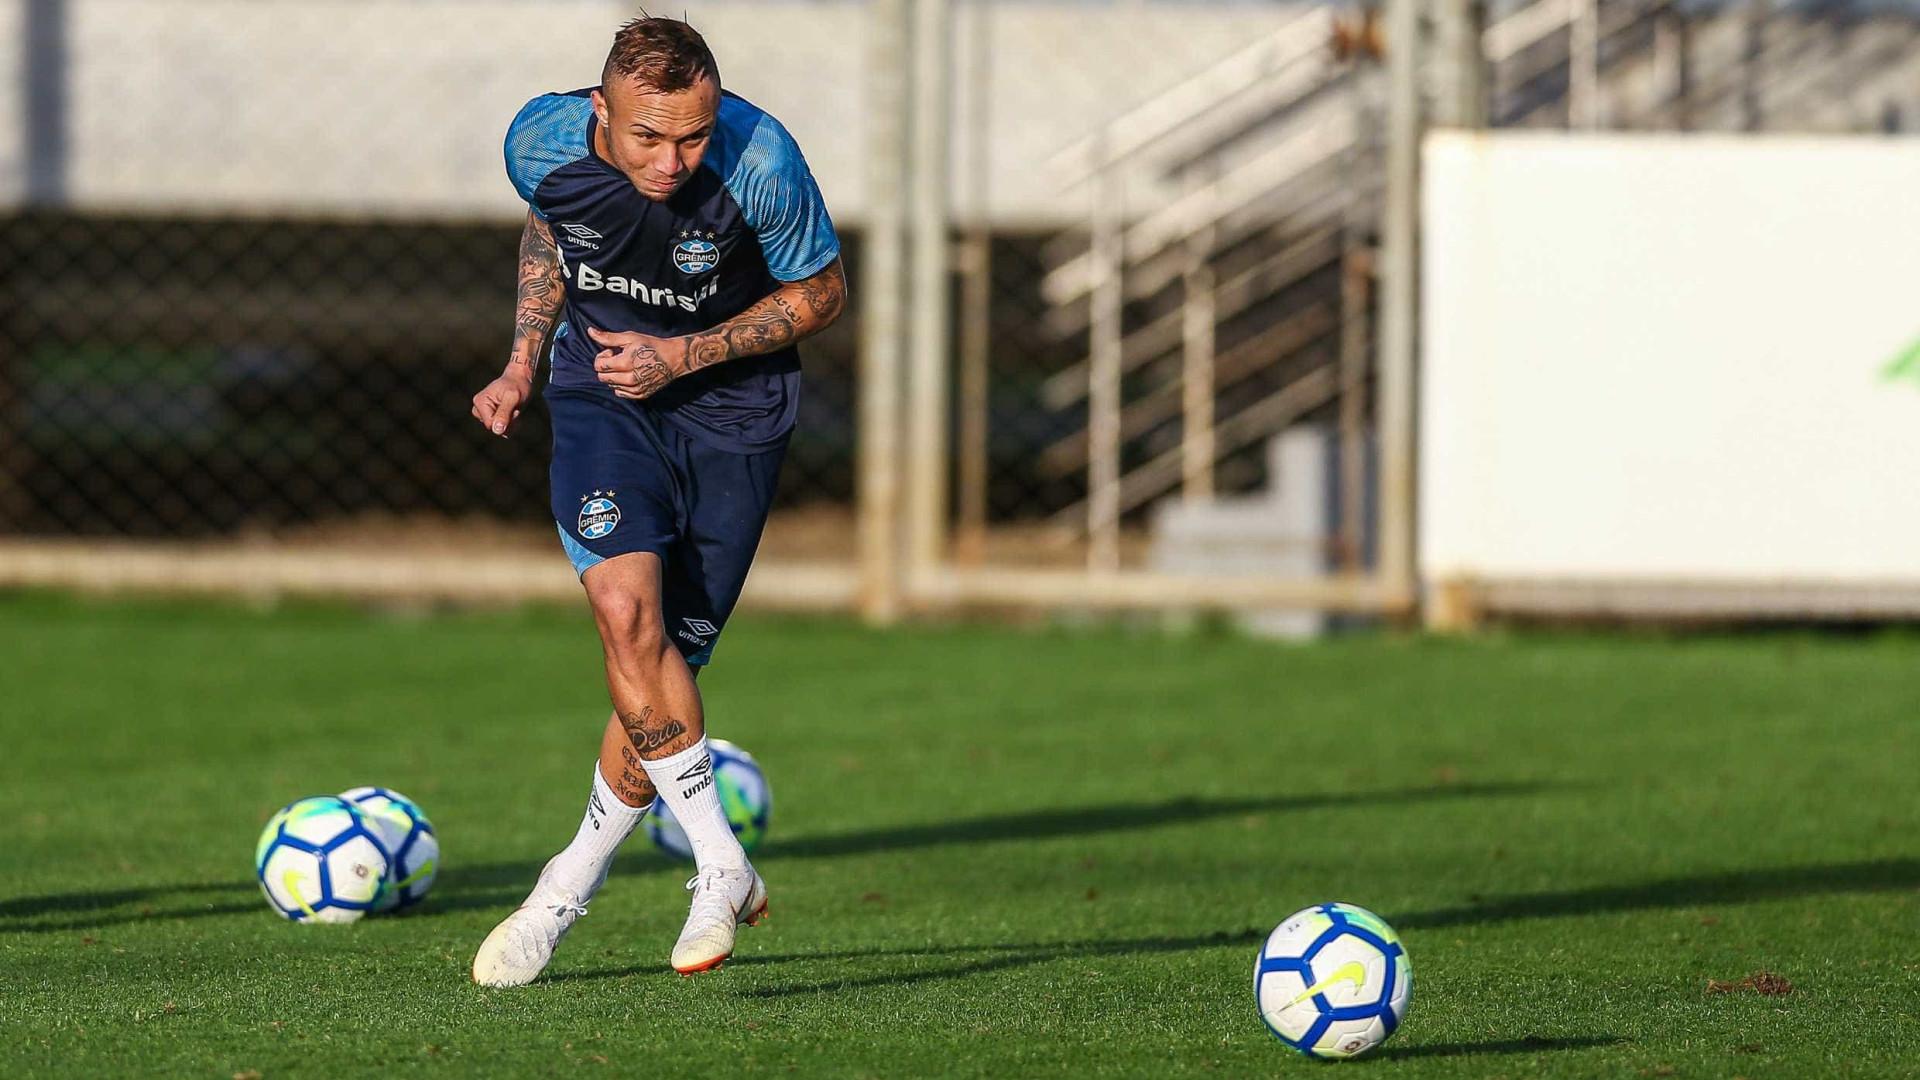 Após classificação, Everton indica saída do Grêmio: 'Dever cumprido'